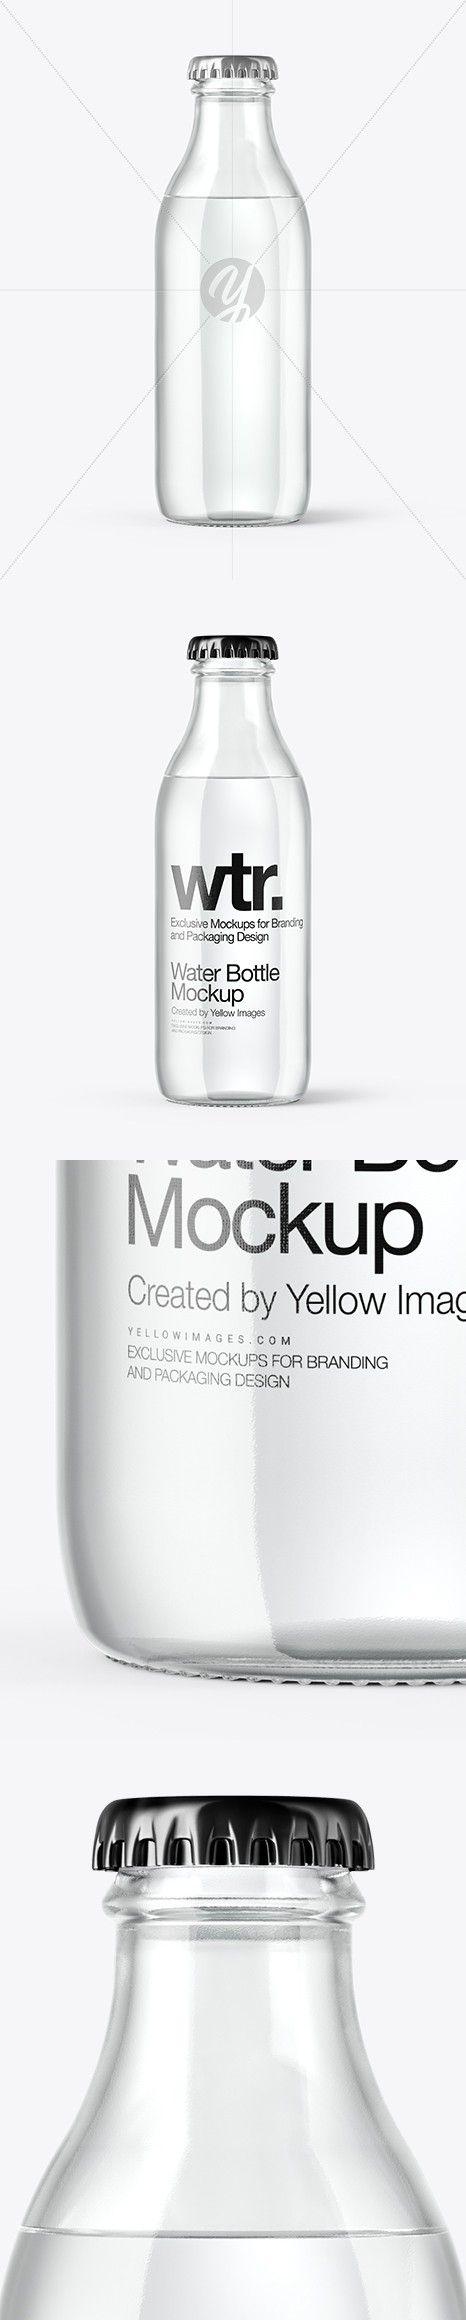 Download 500 Product Mockups Ideas Mockup Branding Mockups Business Card Mock Up PSD Mockup Templates